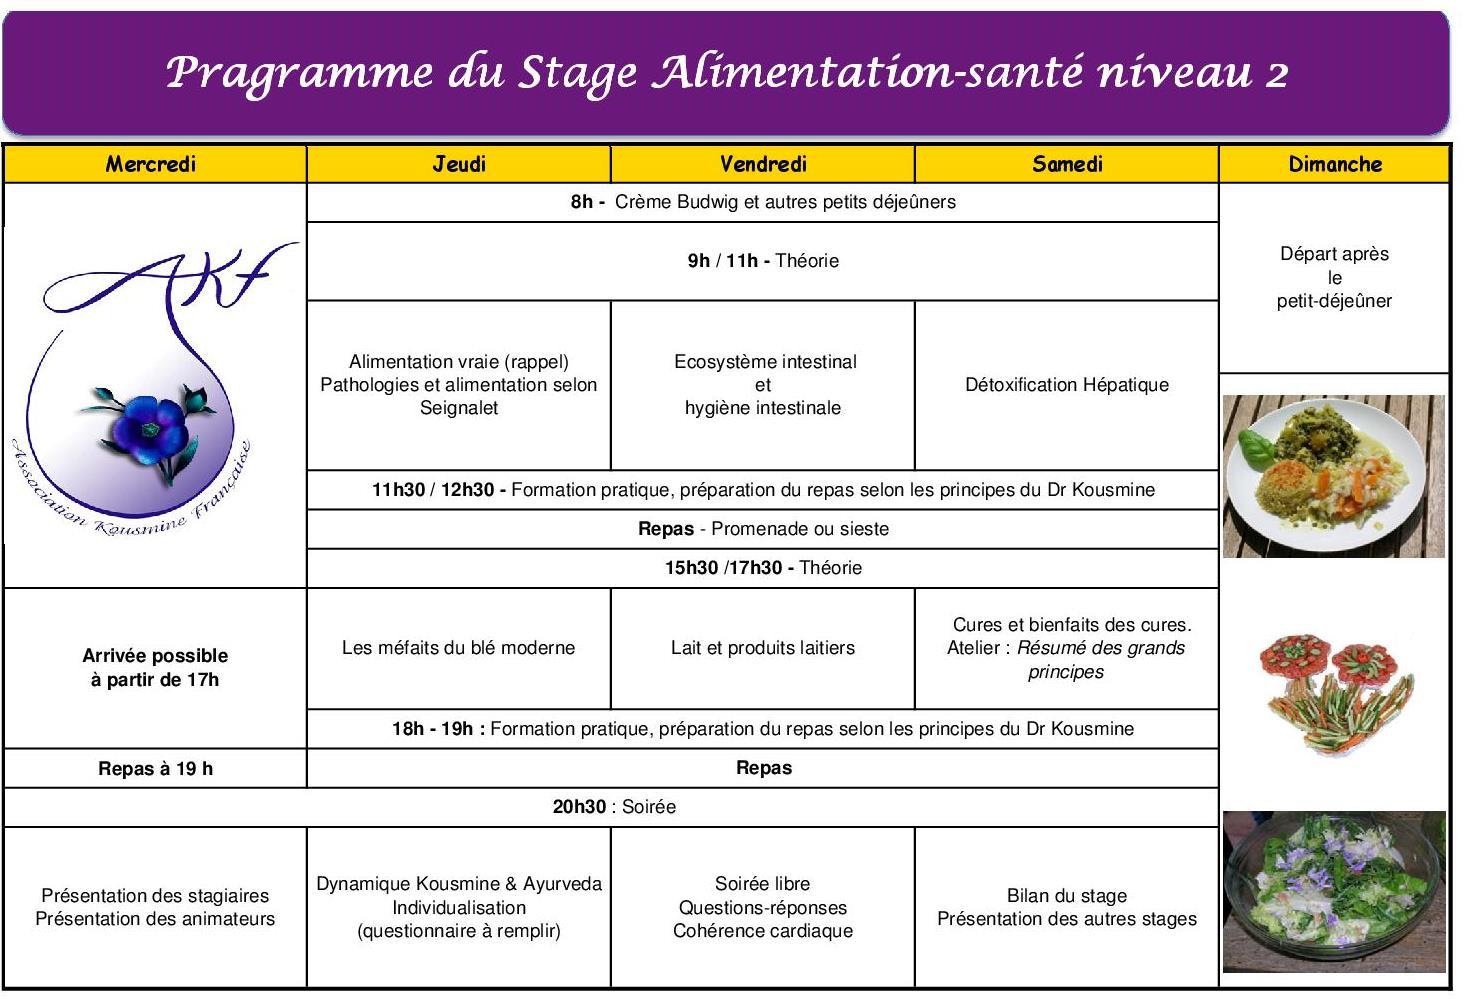 Programme Stage Alimentation-santé niveau 2